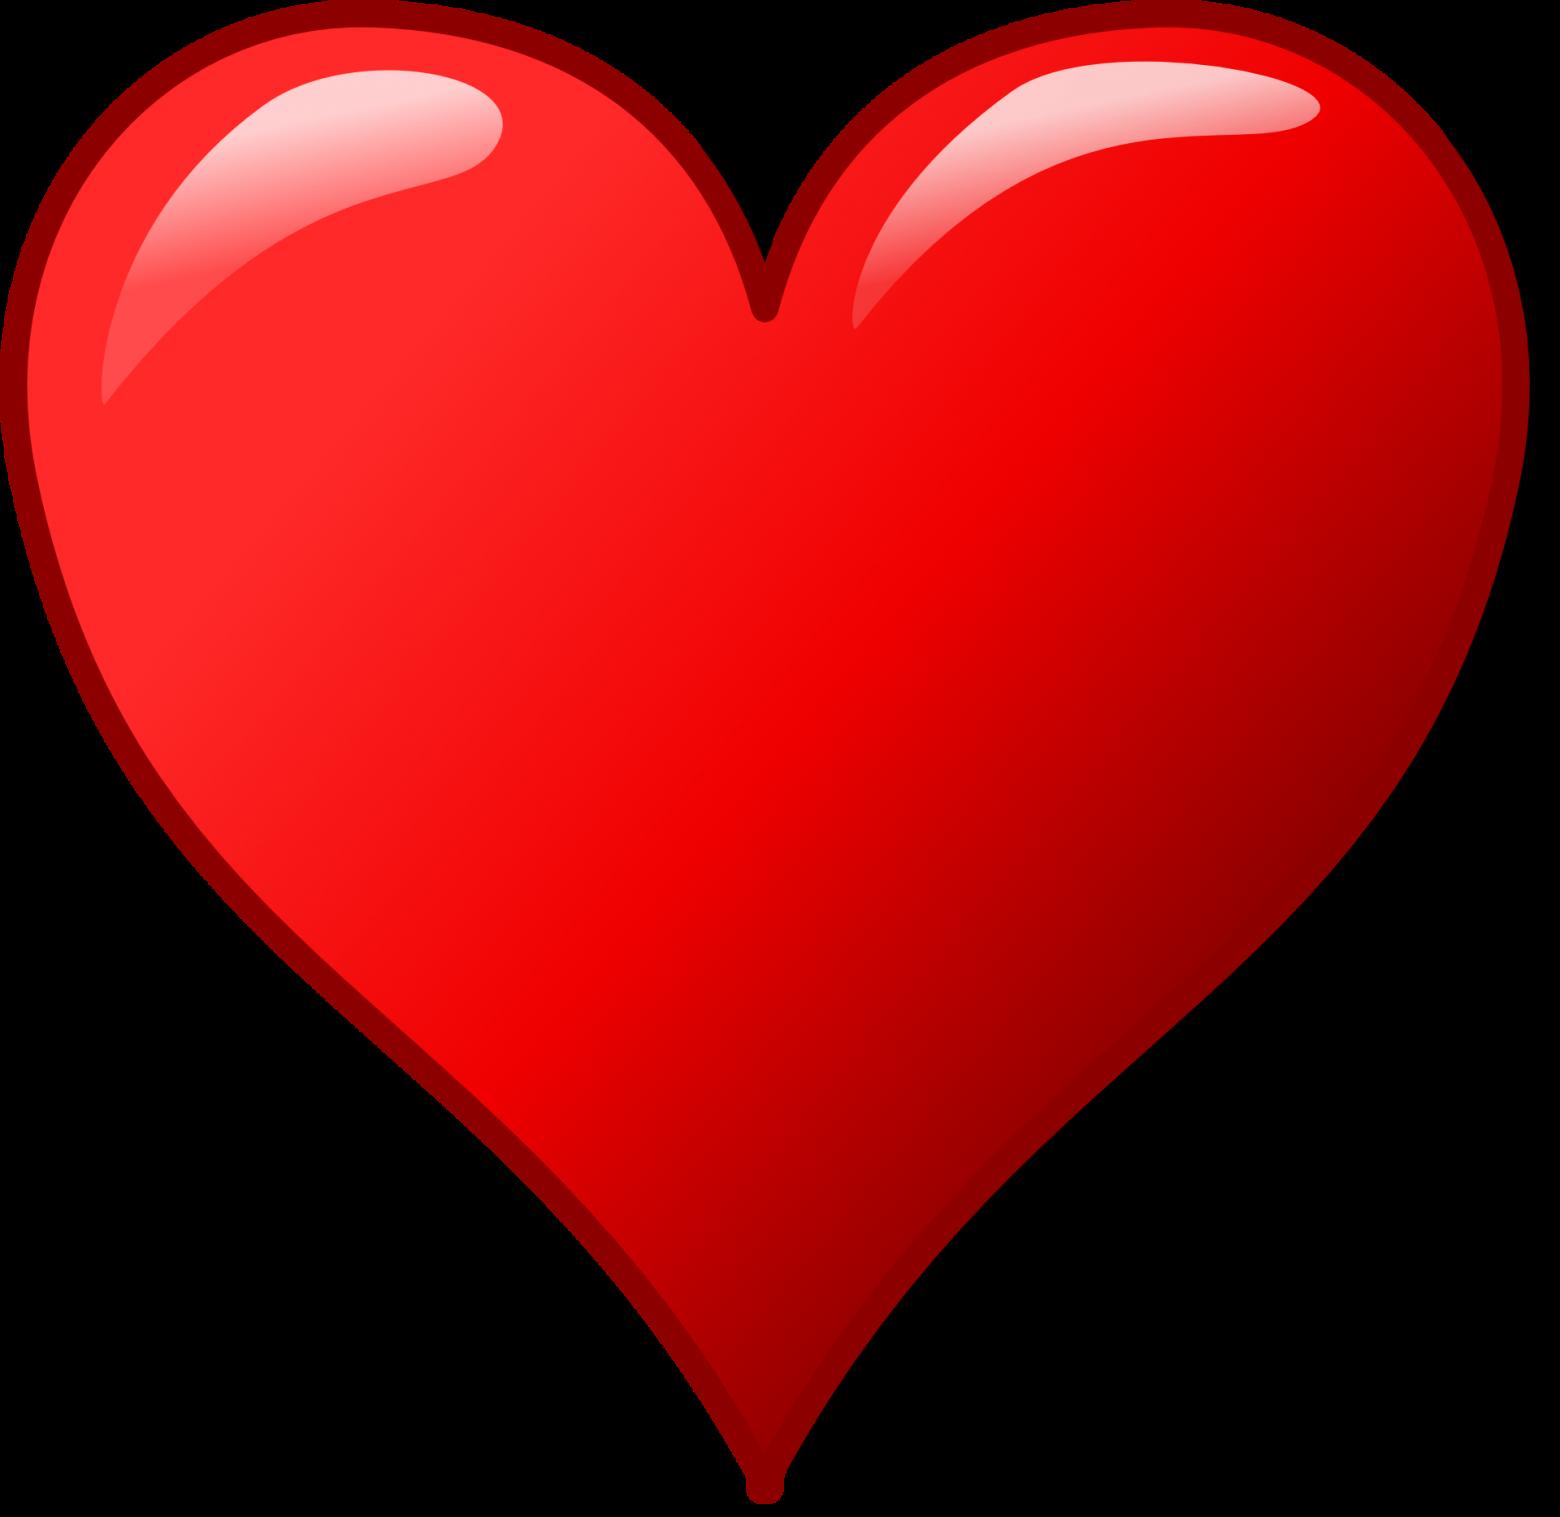 Coeur clipart images gratuites images gratuites et libres de droits - Images coeur gratuites ...